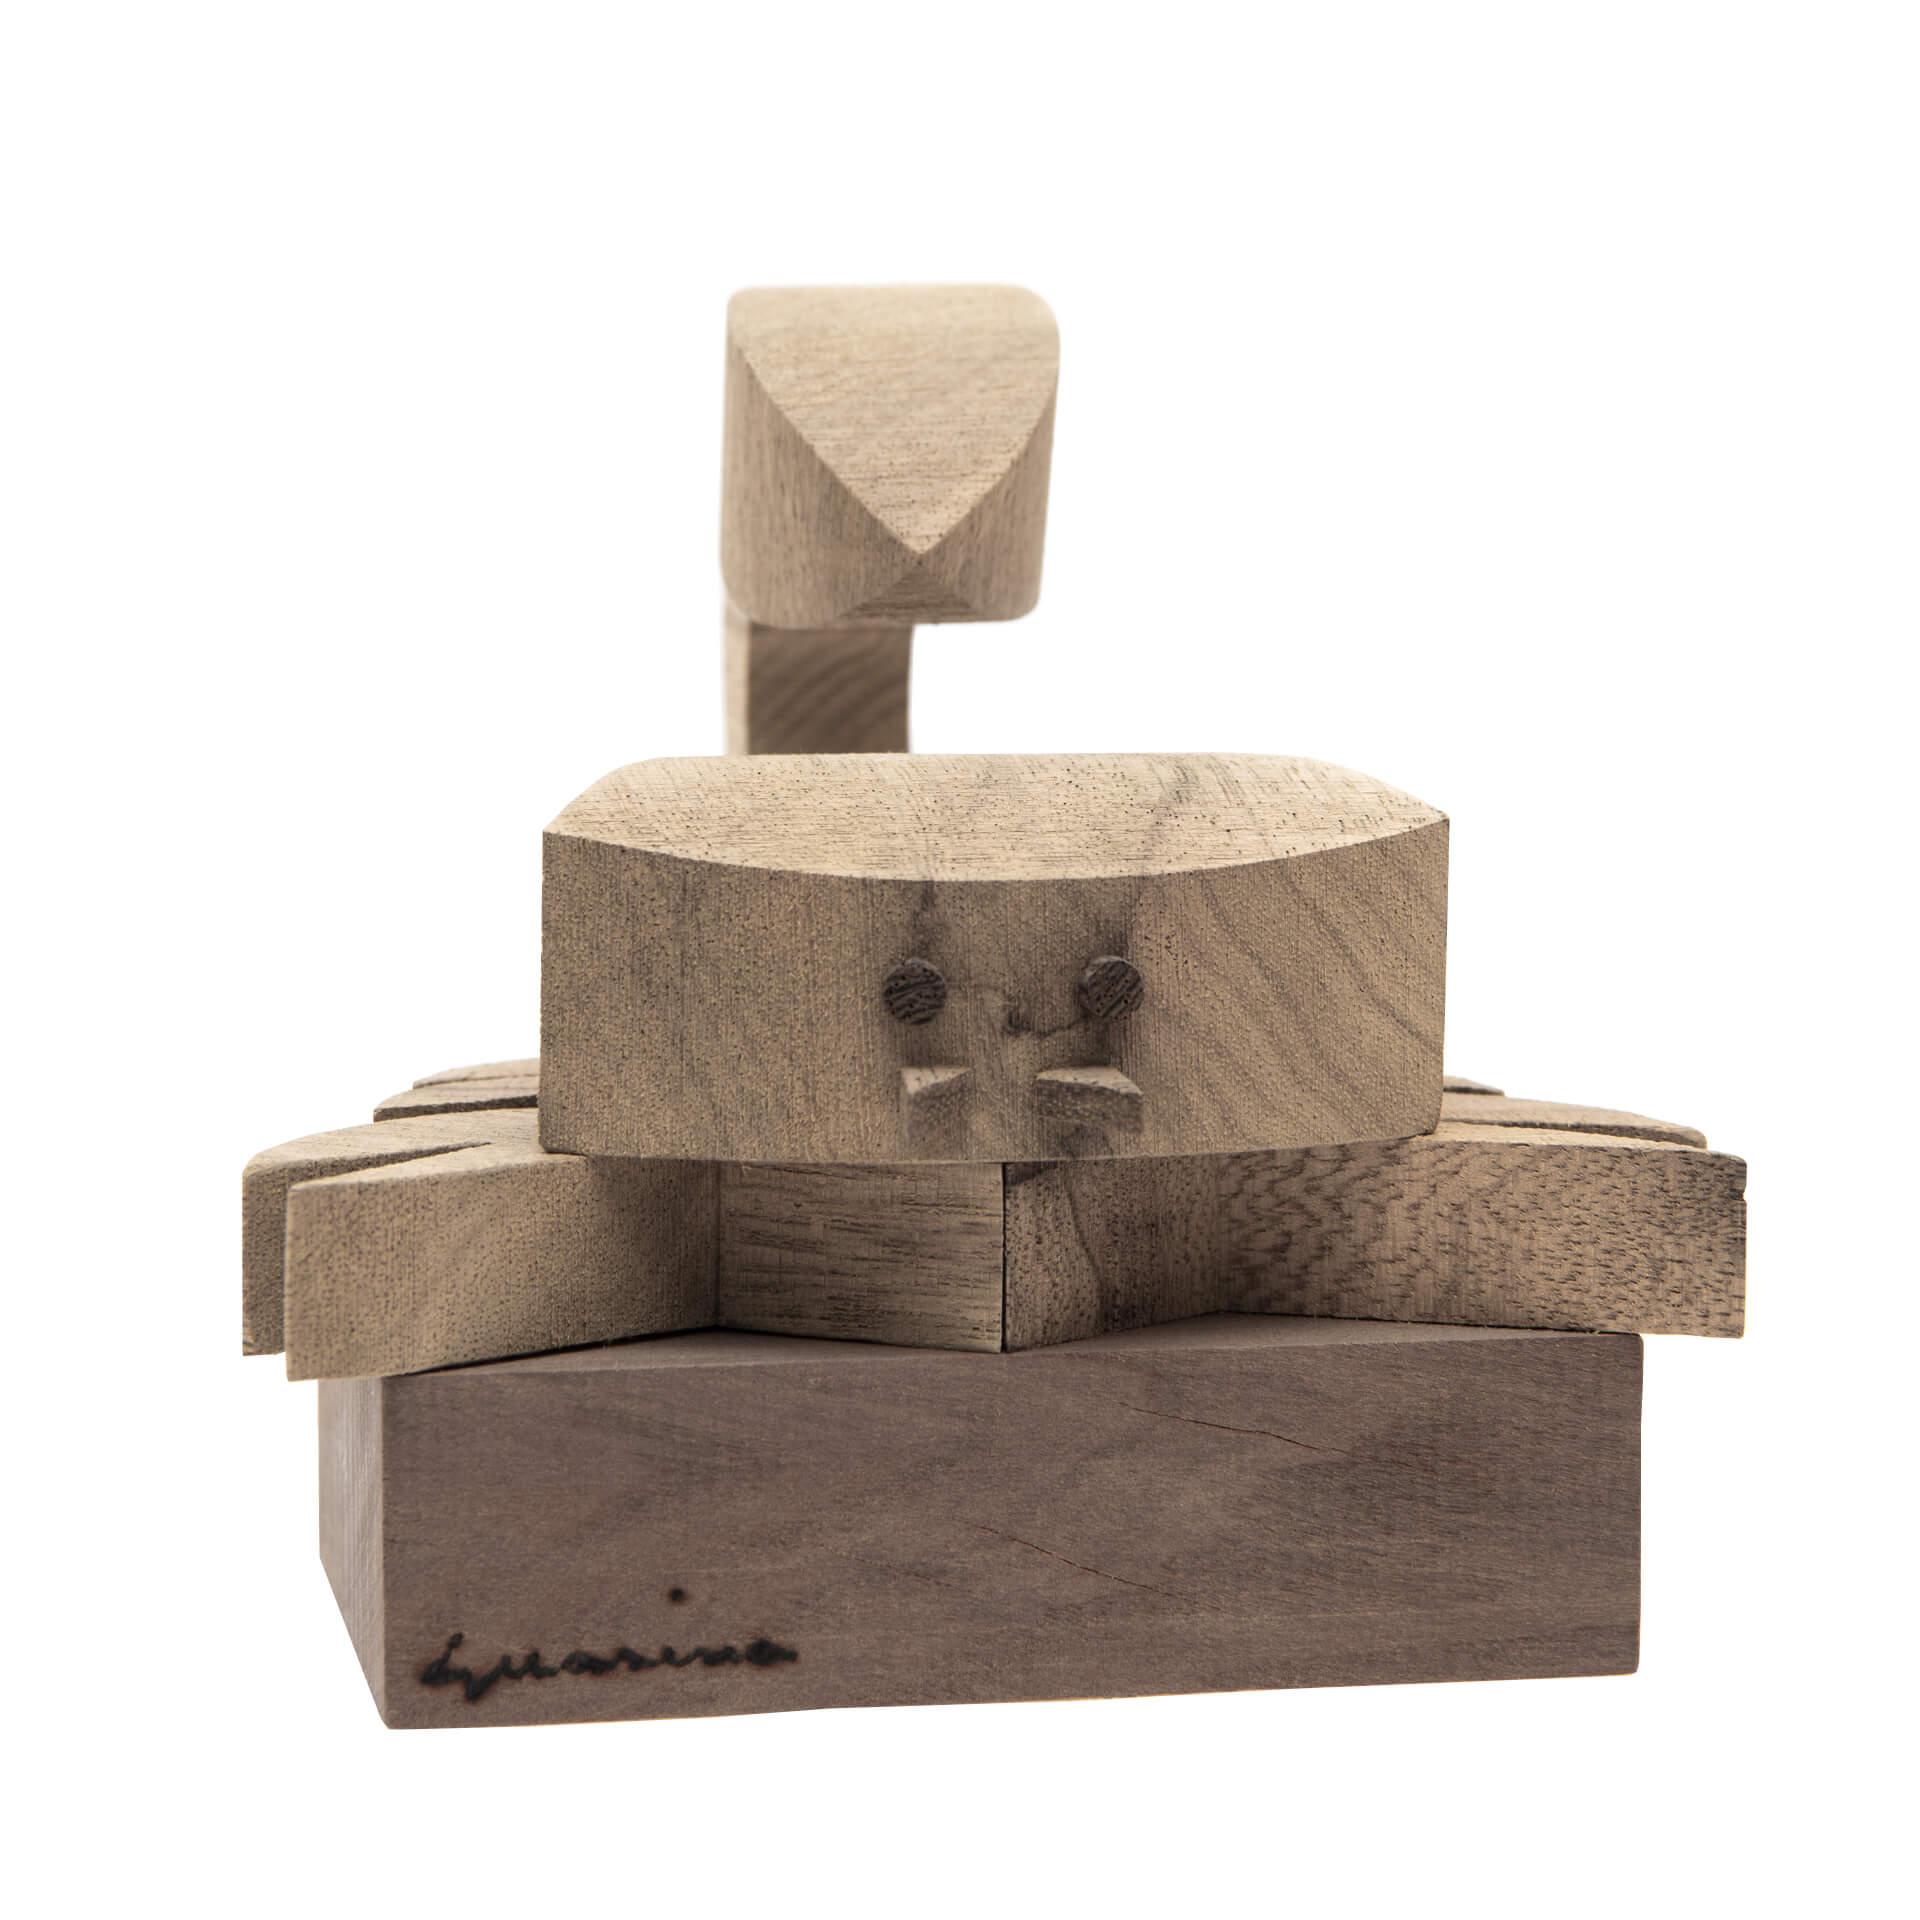 Scultura in legno Scorpione - Dimensione media 15 x 17 x 13 cm (b x p x h)